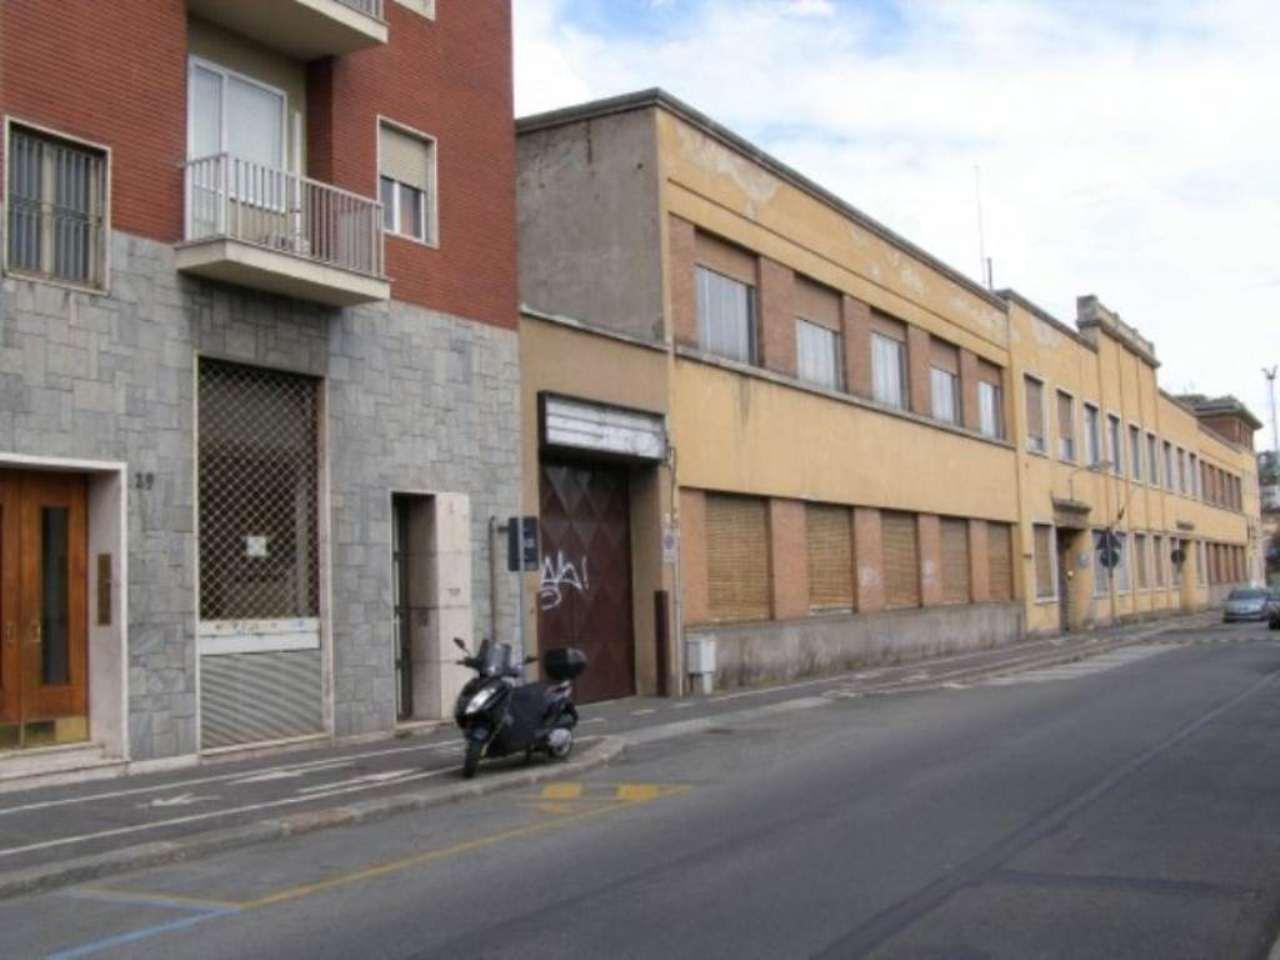 Capannone in vendita a Torino, 6 locali, zona Zona: 6 . Lingotto, prezzo € 650.000 | Cambio Casa.it